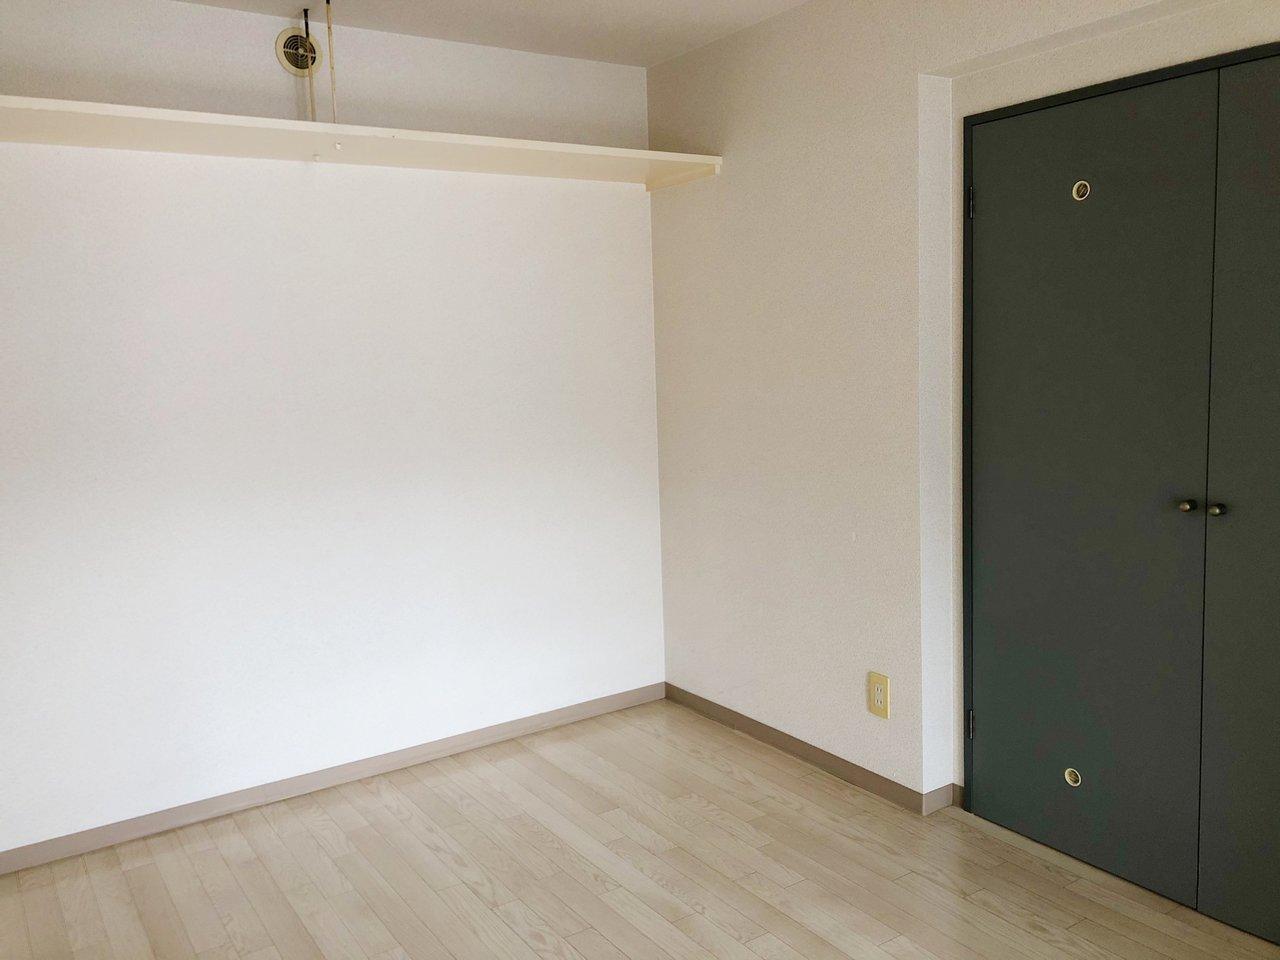 6畳の洋室には、押入れタイプの収納スペースだけでなく、部屋の上部に見せるタイプの収納スペースも。収納としてだけでなく、飾り棚としても活用できそうです。